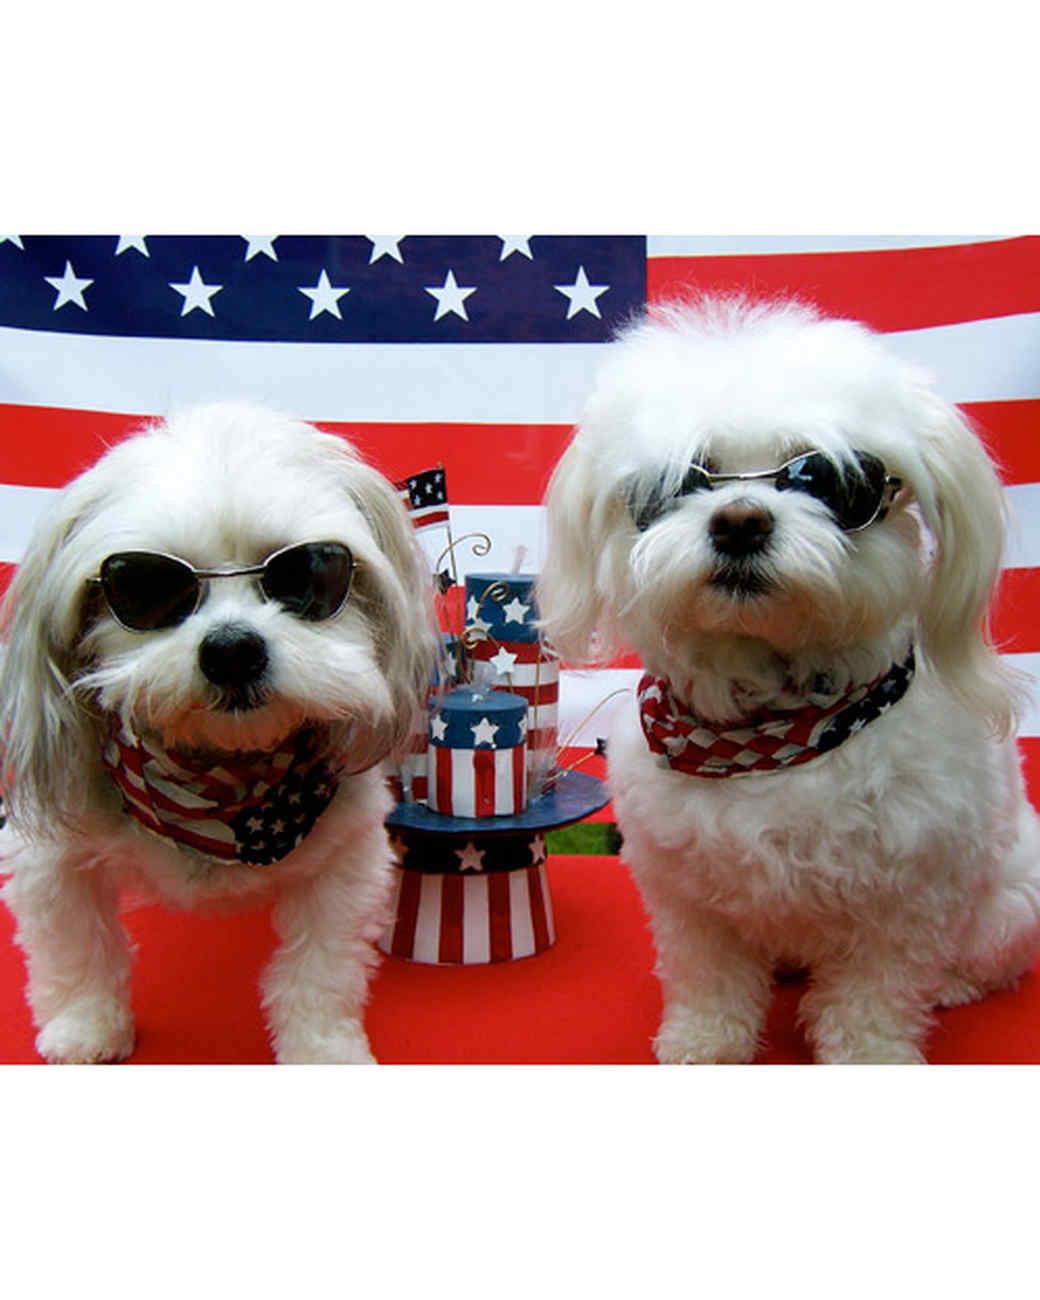 p_patriotic_10_9370703_19036065.jpg